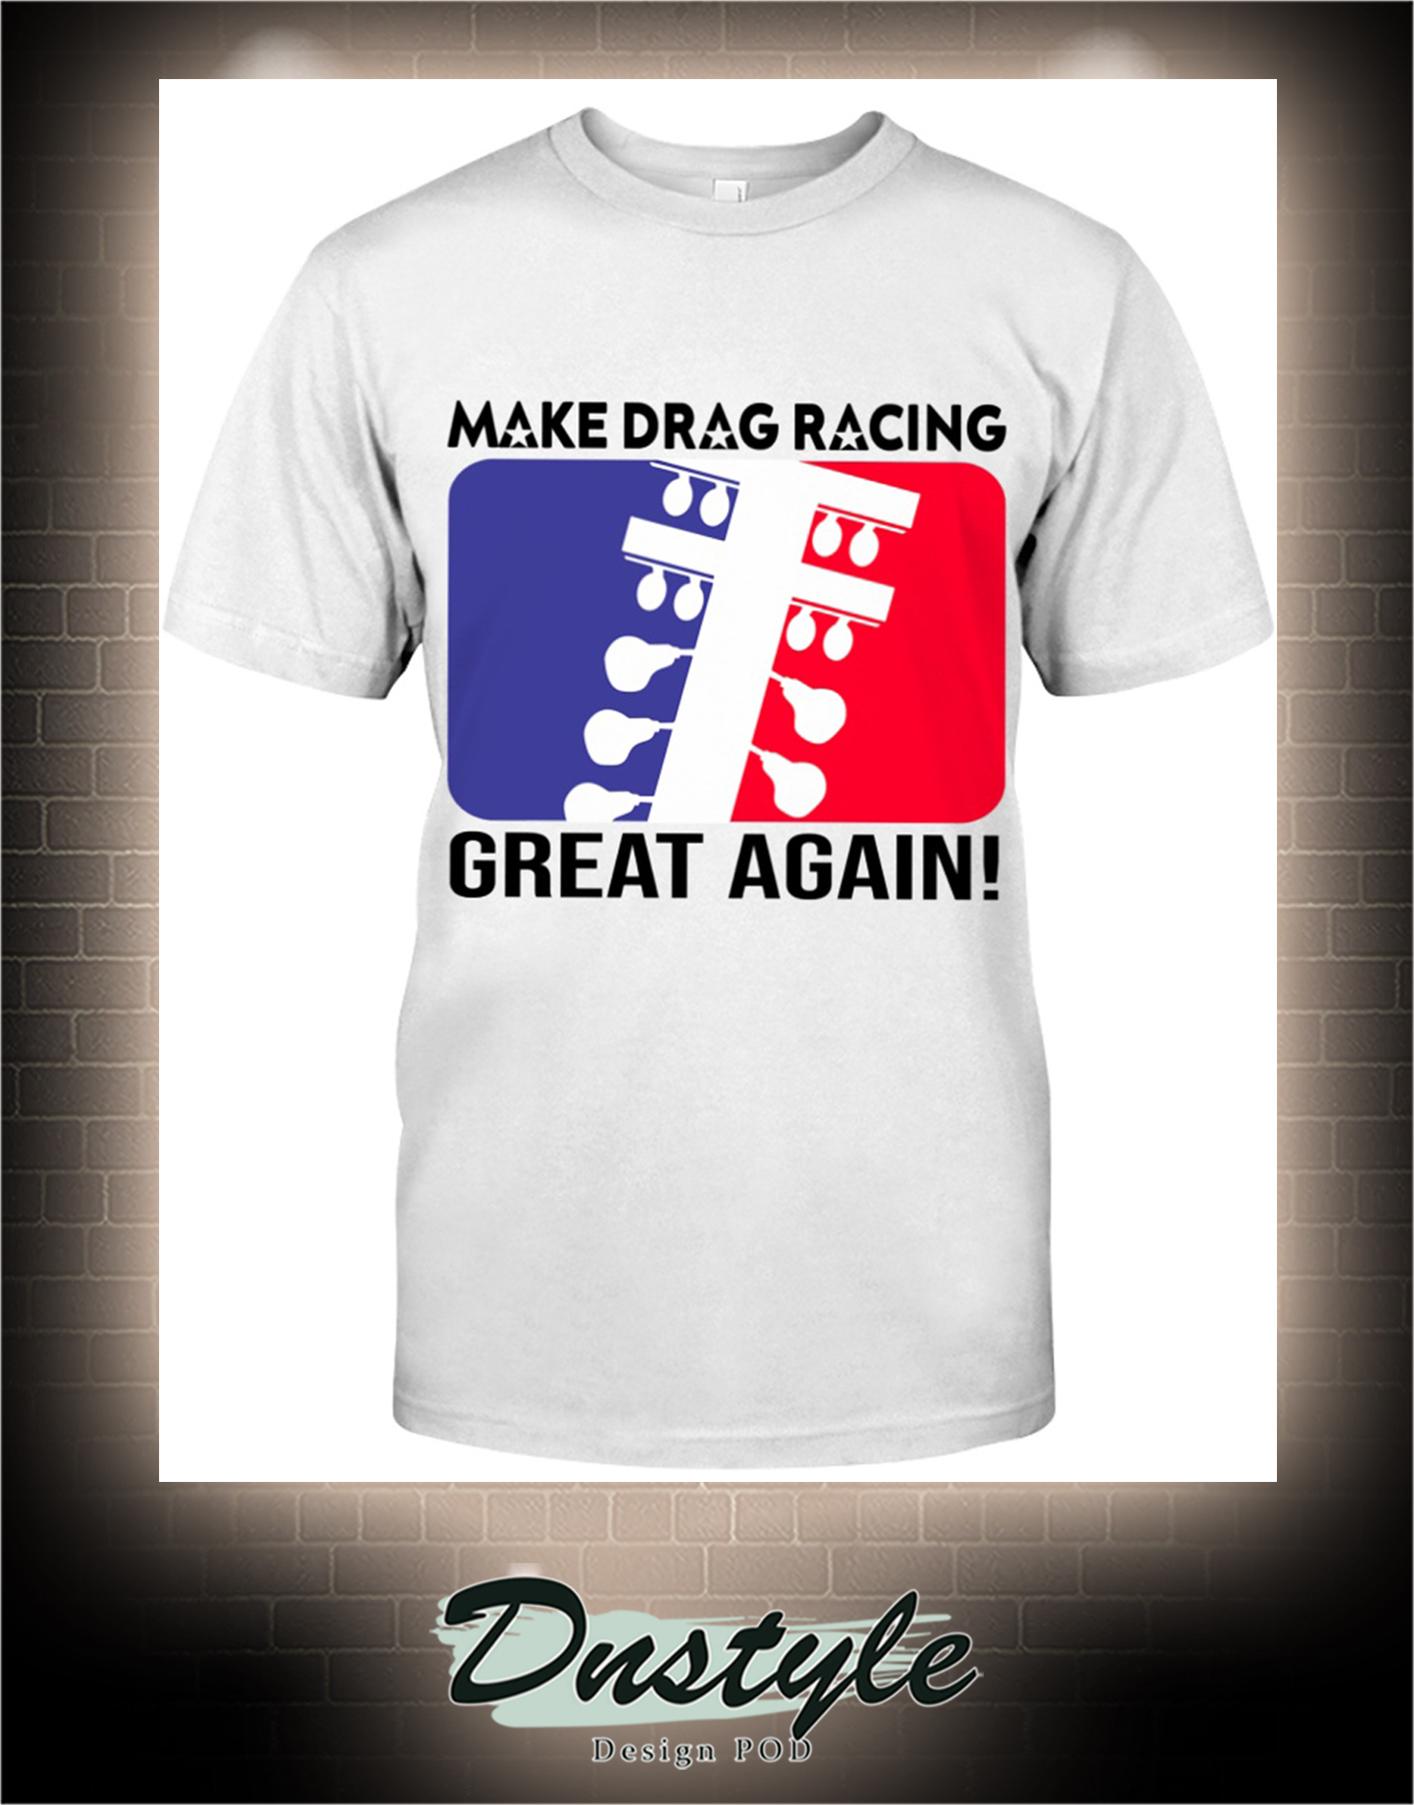 Make drag racing great again t-shirt